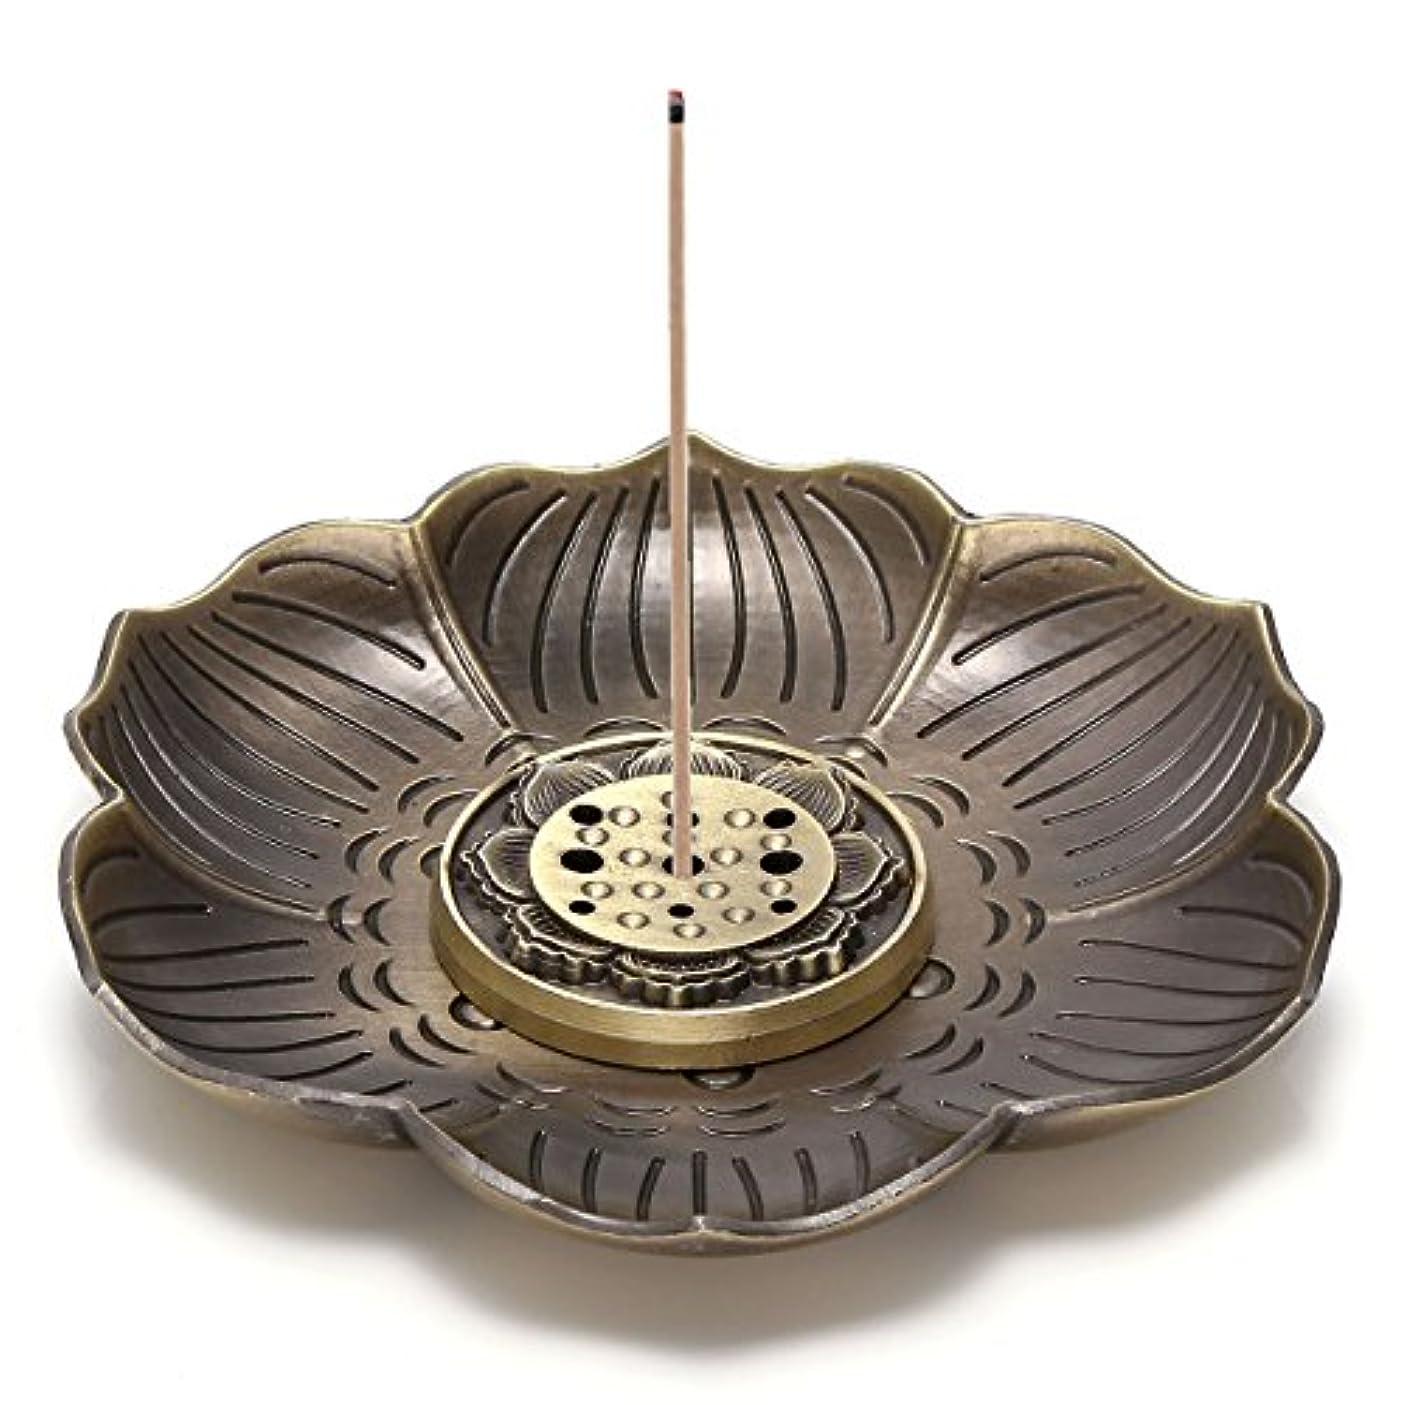 ファンネルウェブスパイダー書士慣習Jovivi真鍮Incense Holder – Lotus Stick Incense Burner and Cone Incense逆流ホルダーwith Ashキャッチャー AJ101010100651